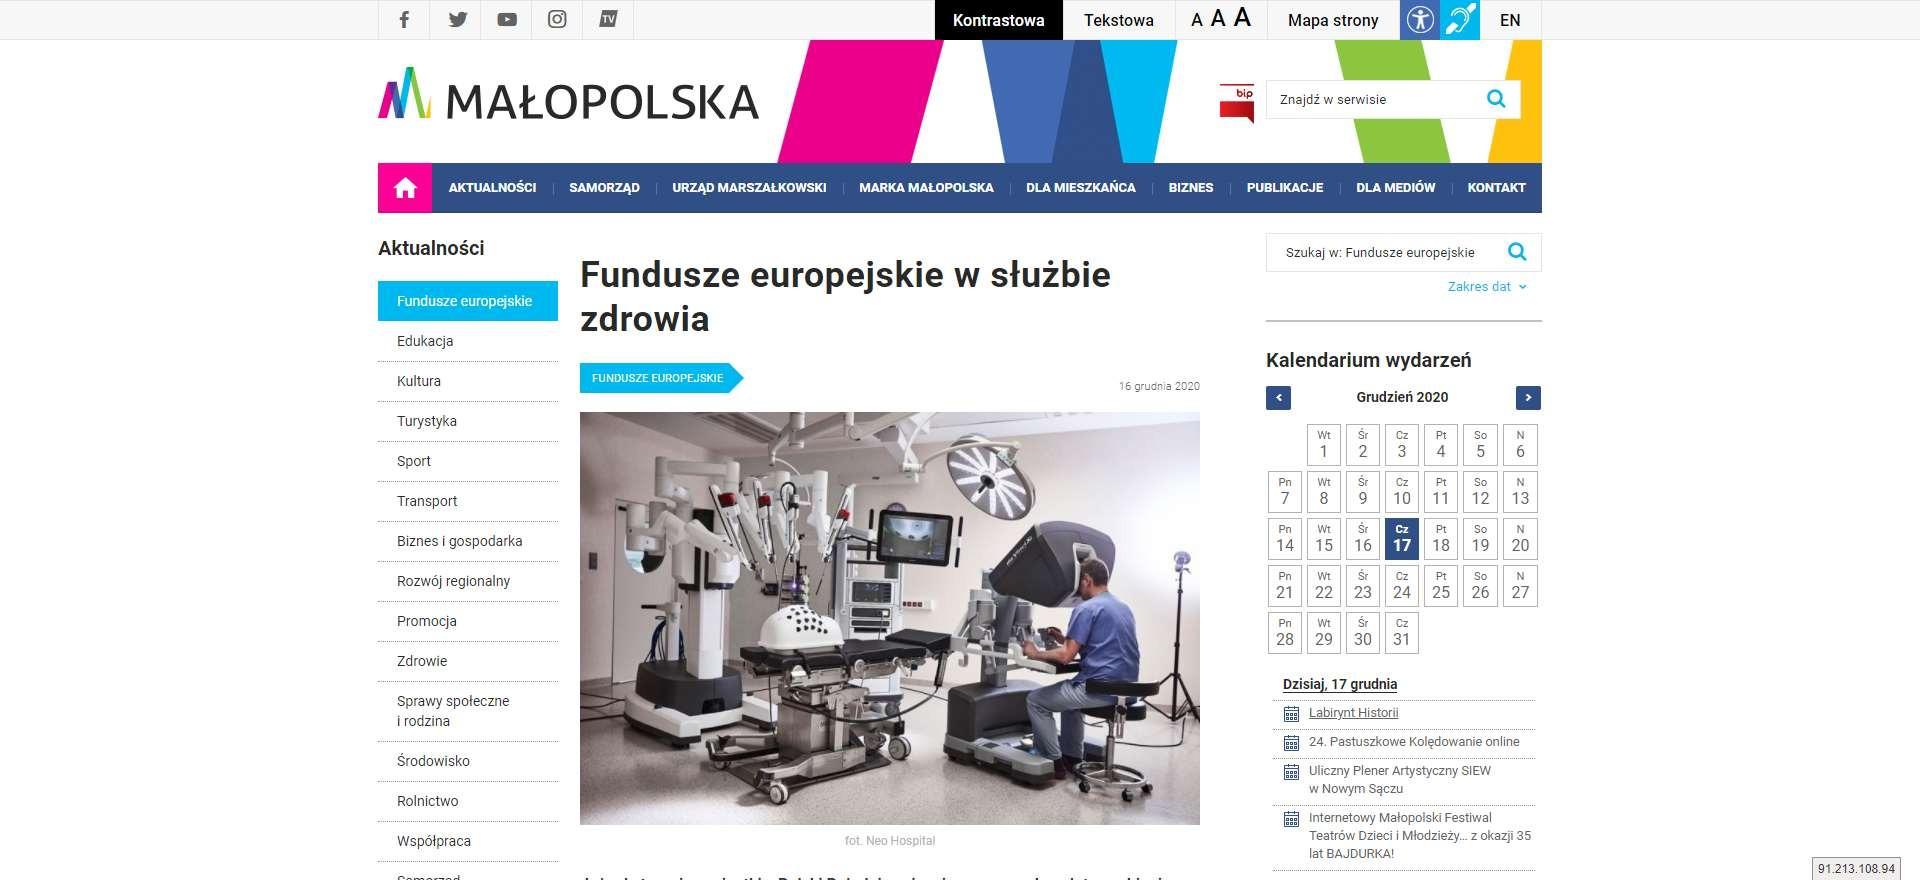 fundusze europejskie w sluzbie zdrowia